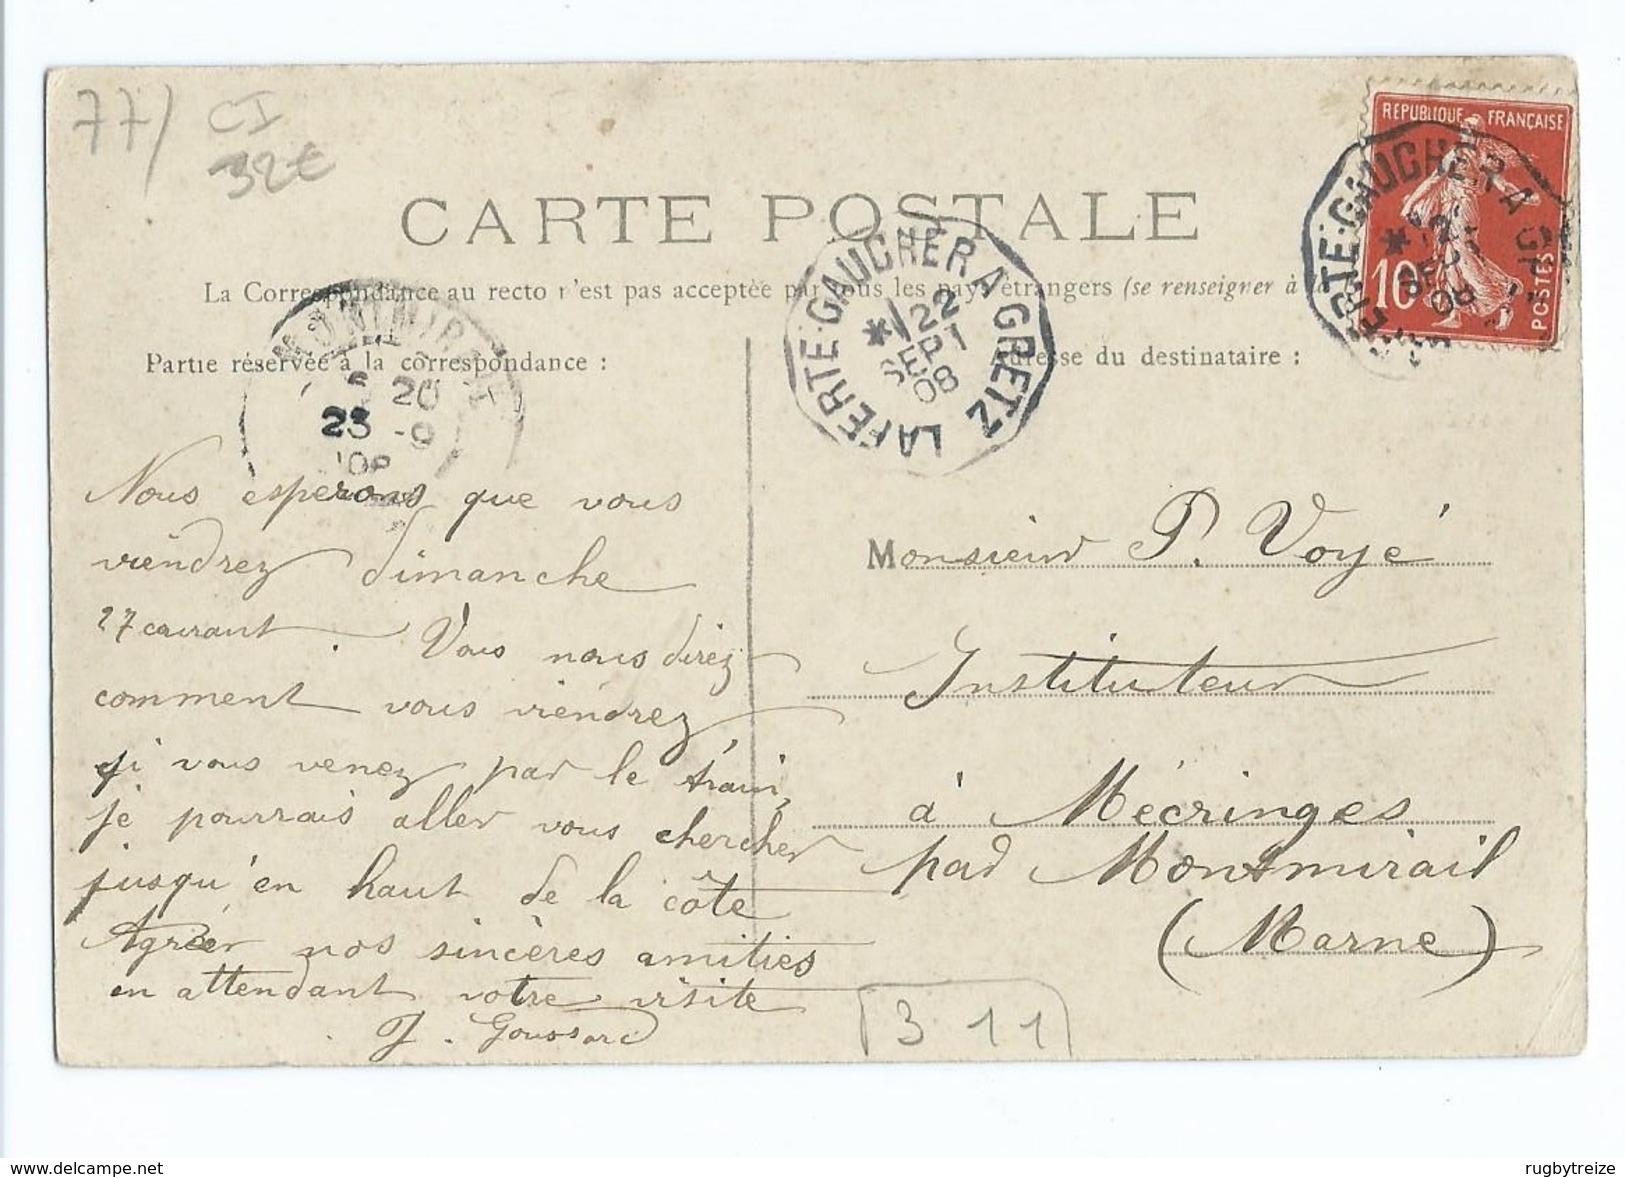 2206 Chartronges Chalet De La Fosse Ed Pachot Cachet Convoyeur La Ferté Gaucher à Gretz Pour Voyé Instituteur Mécringes - France